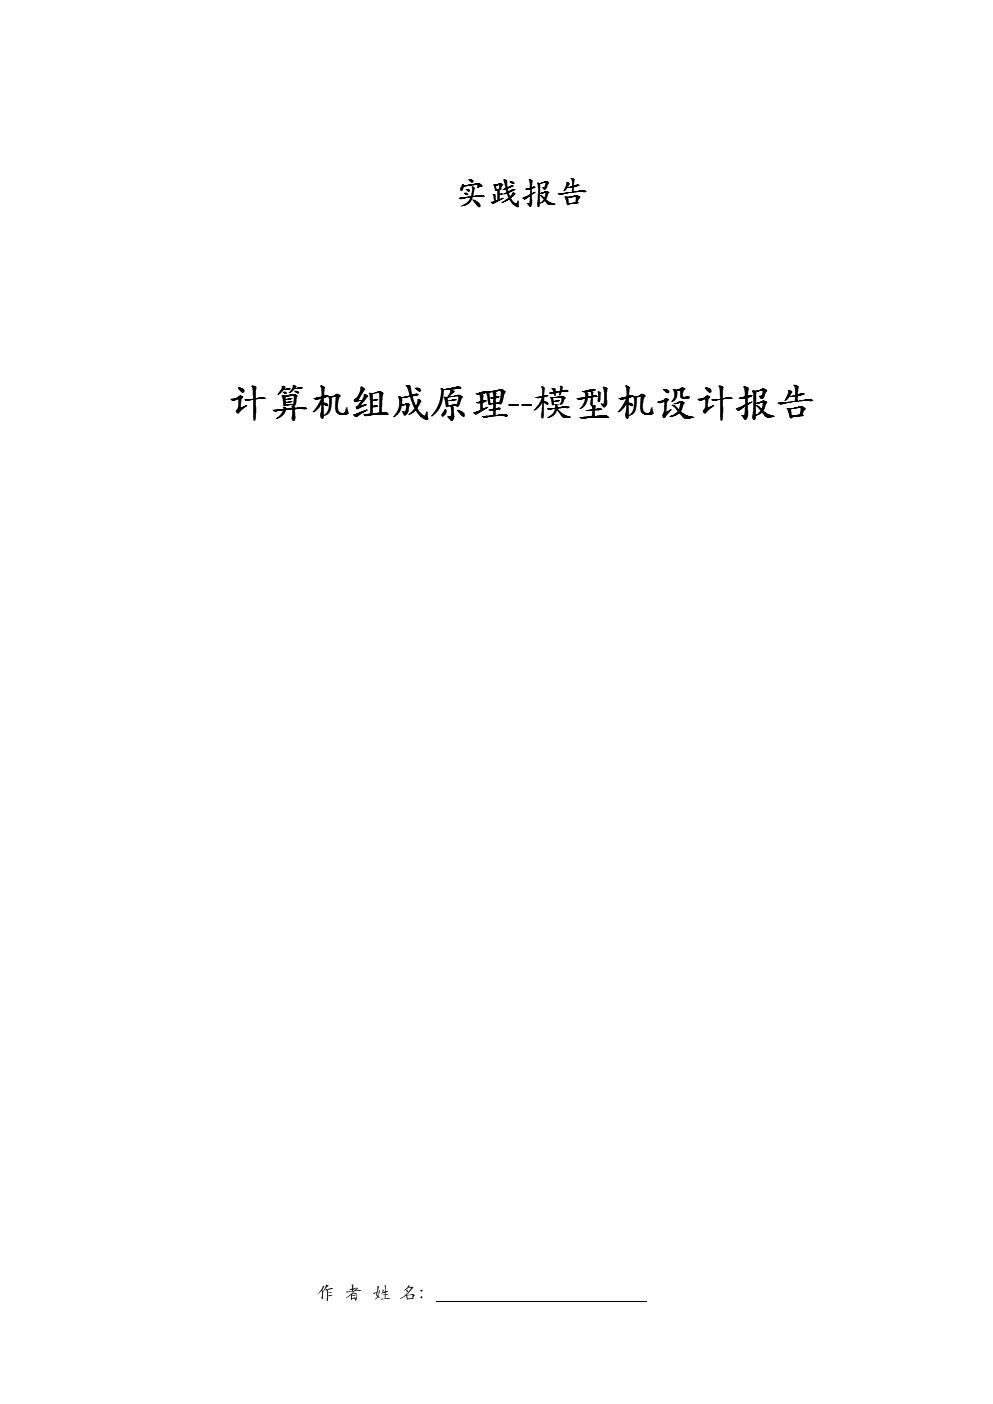 《计算机组成原理》课程设计模型机实验报告(包括dsn电路图).doc